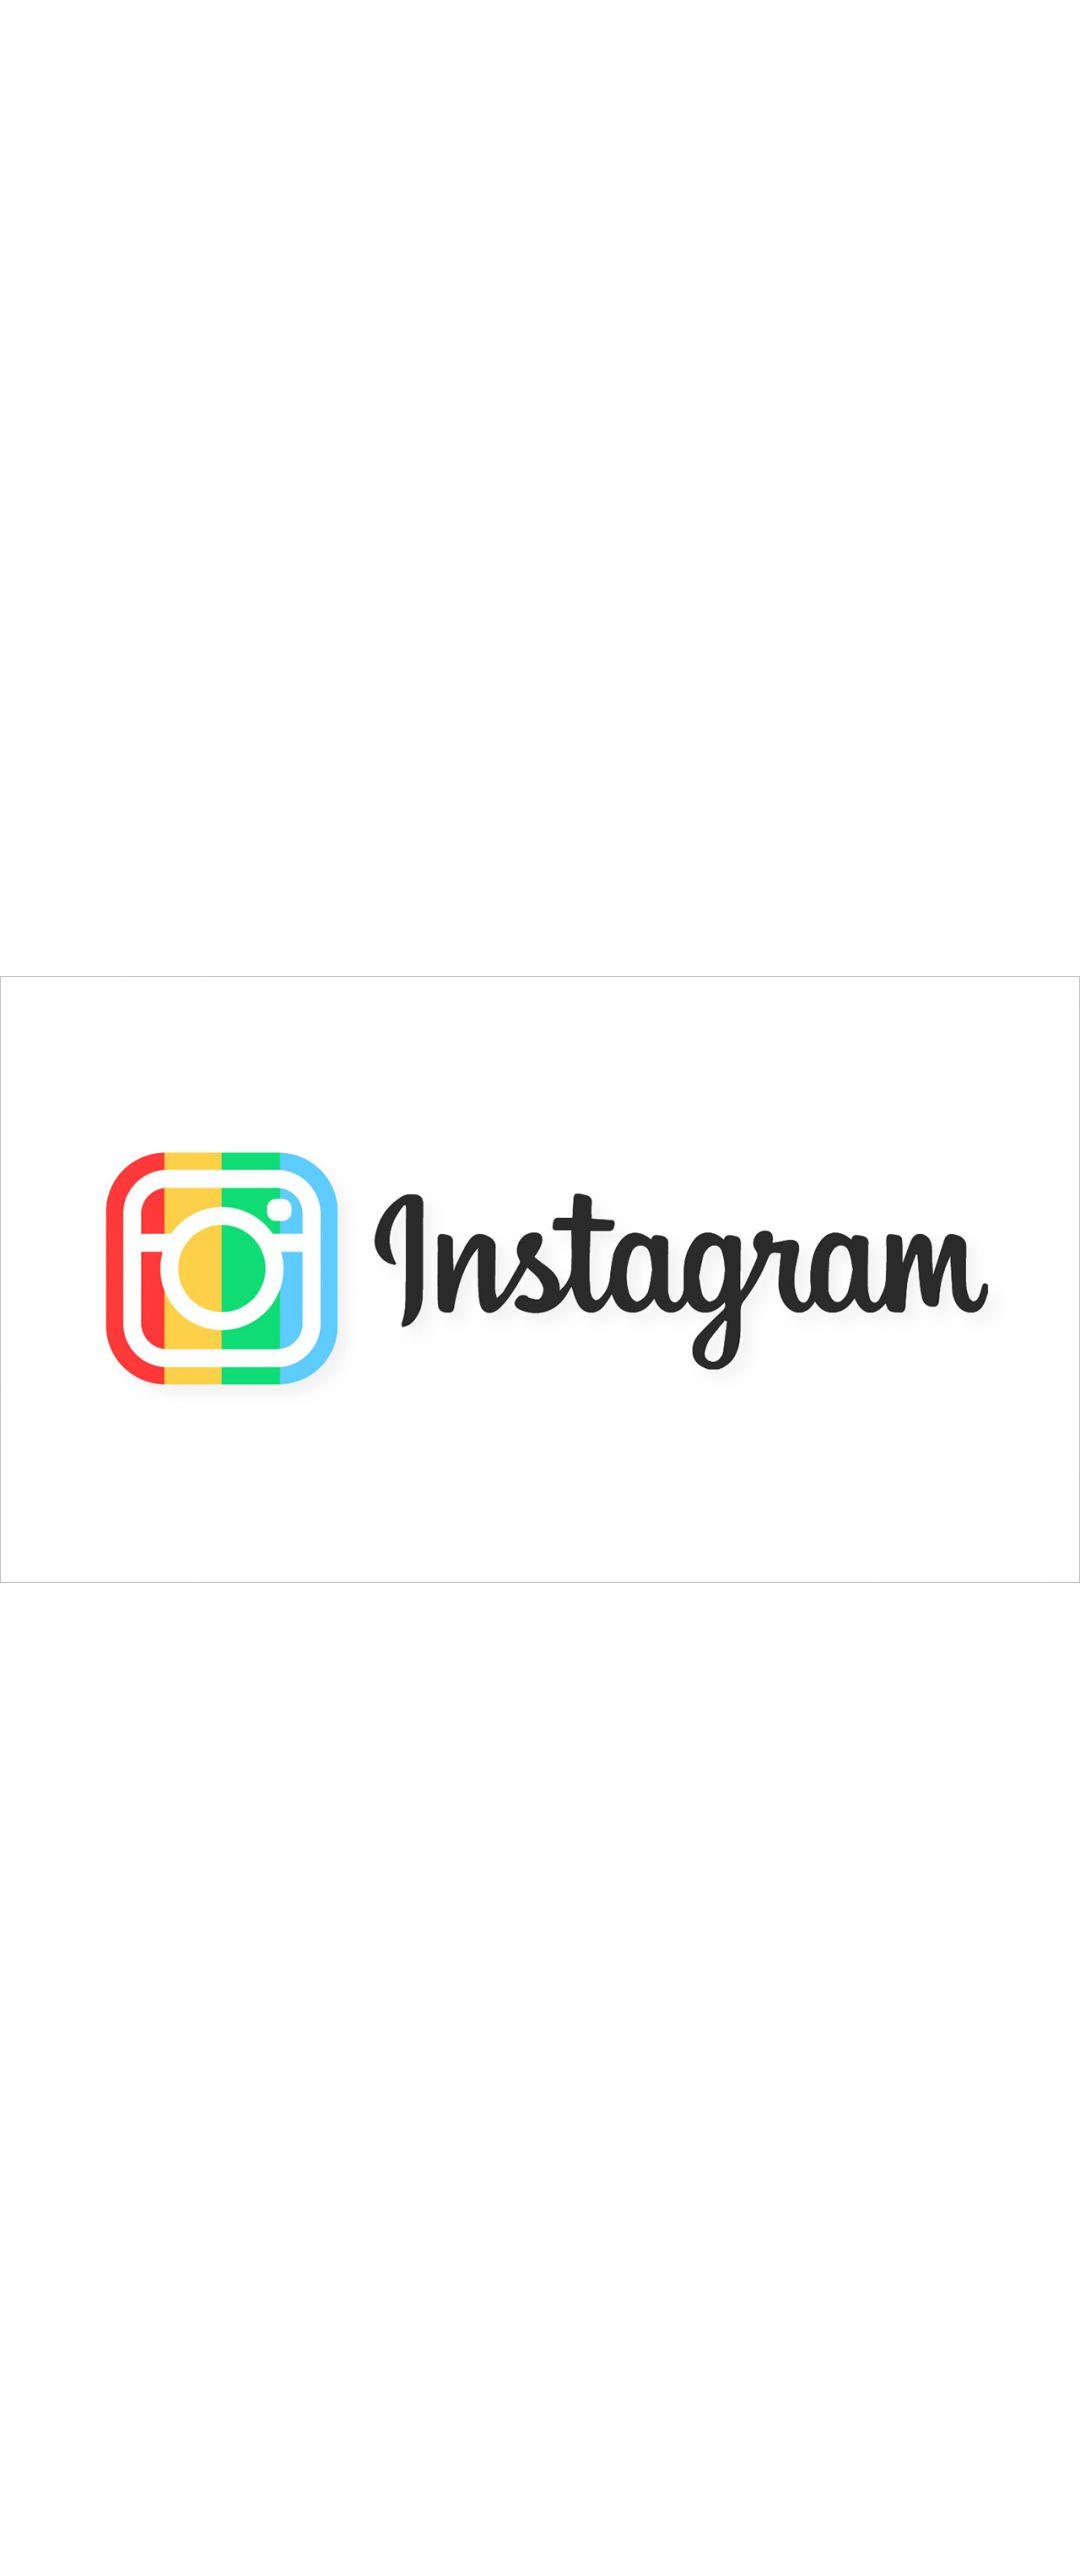 Instagram está disponible en PC y tablets con Windows 10